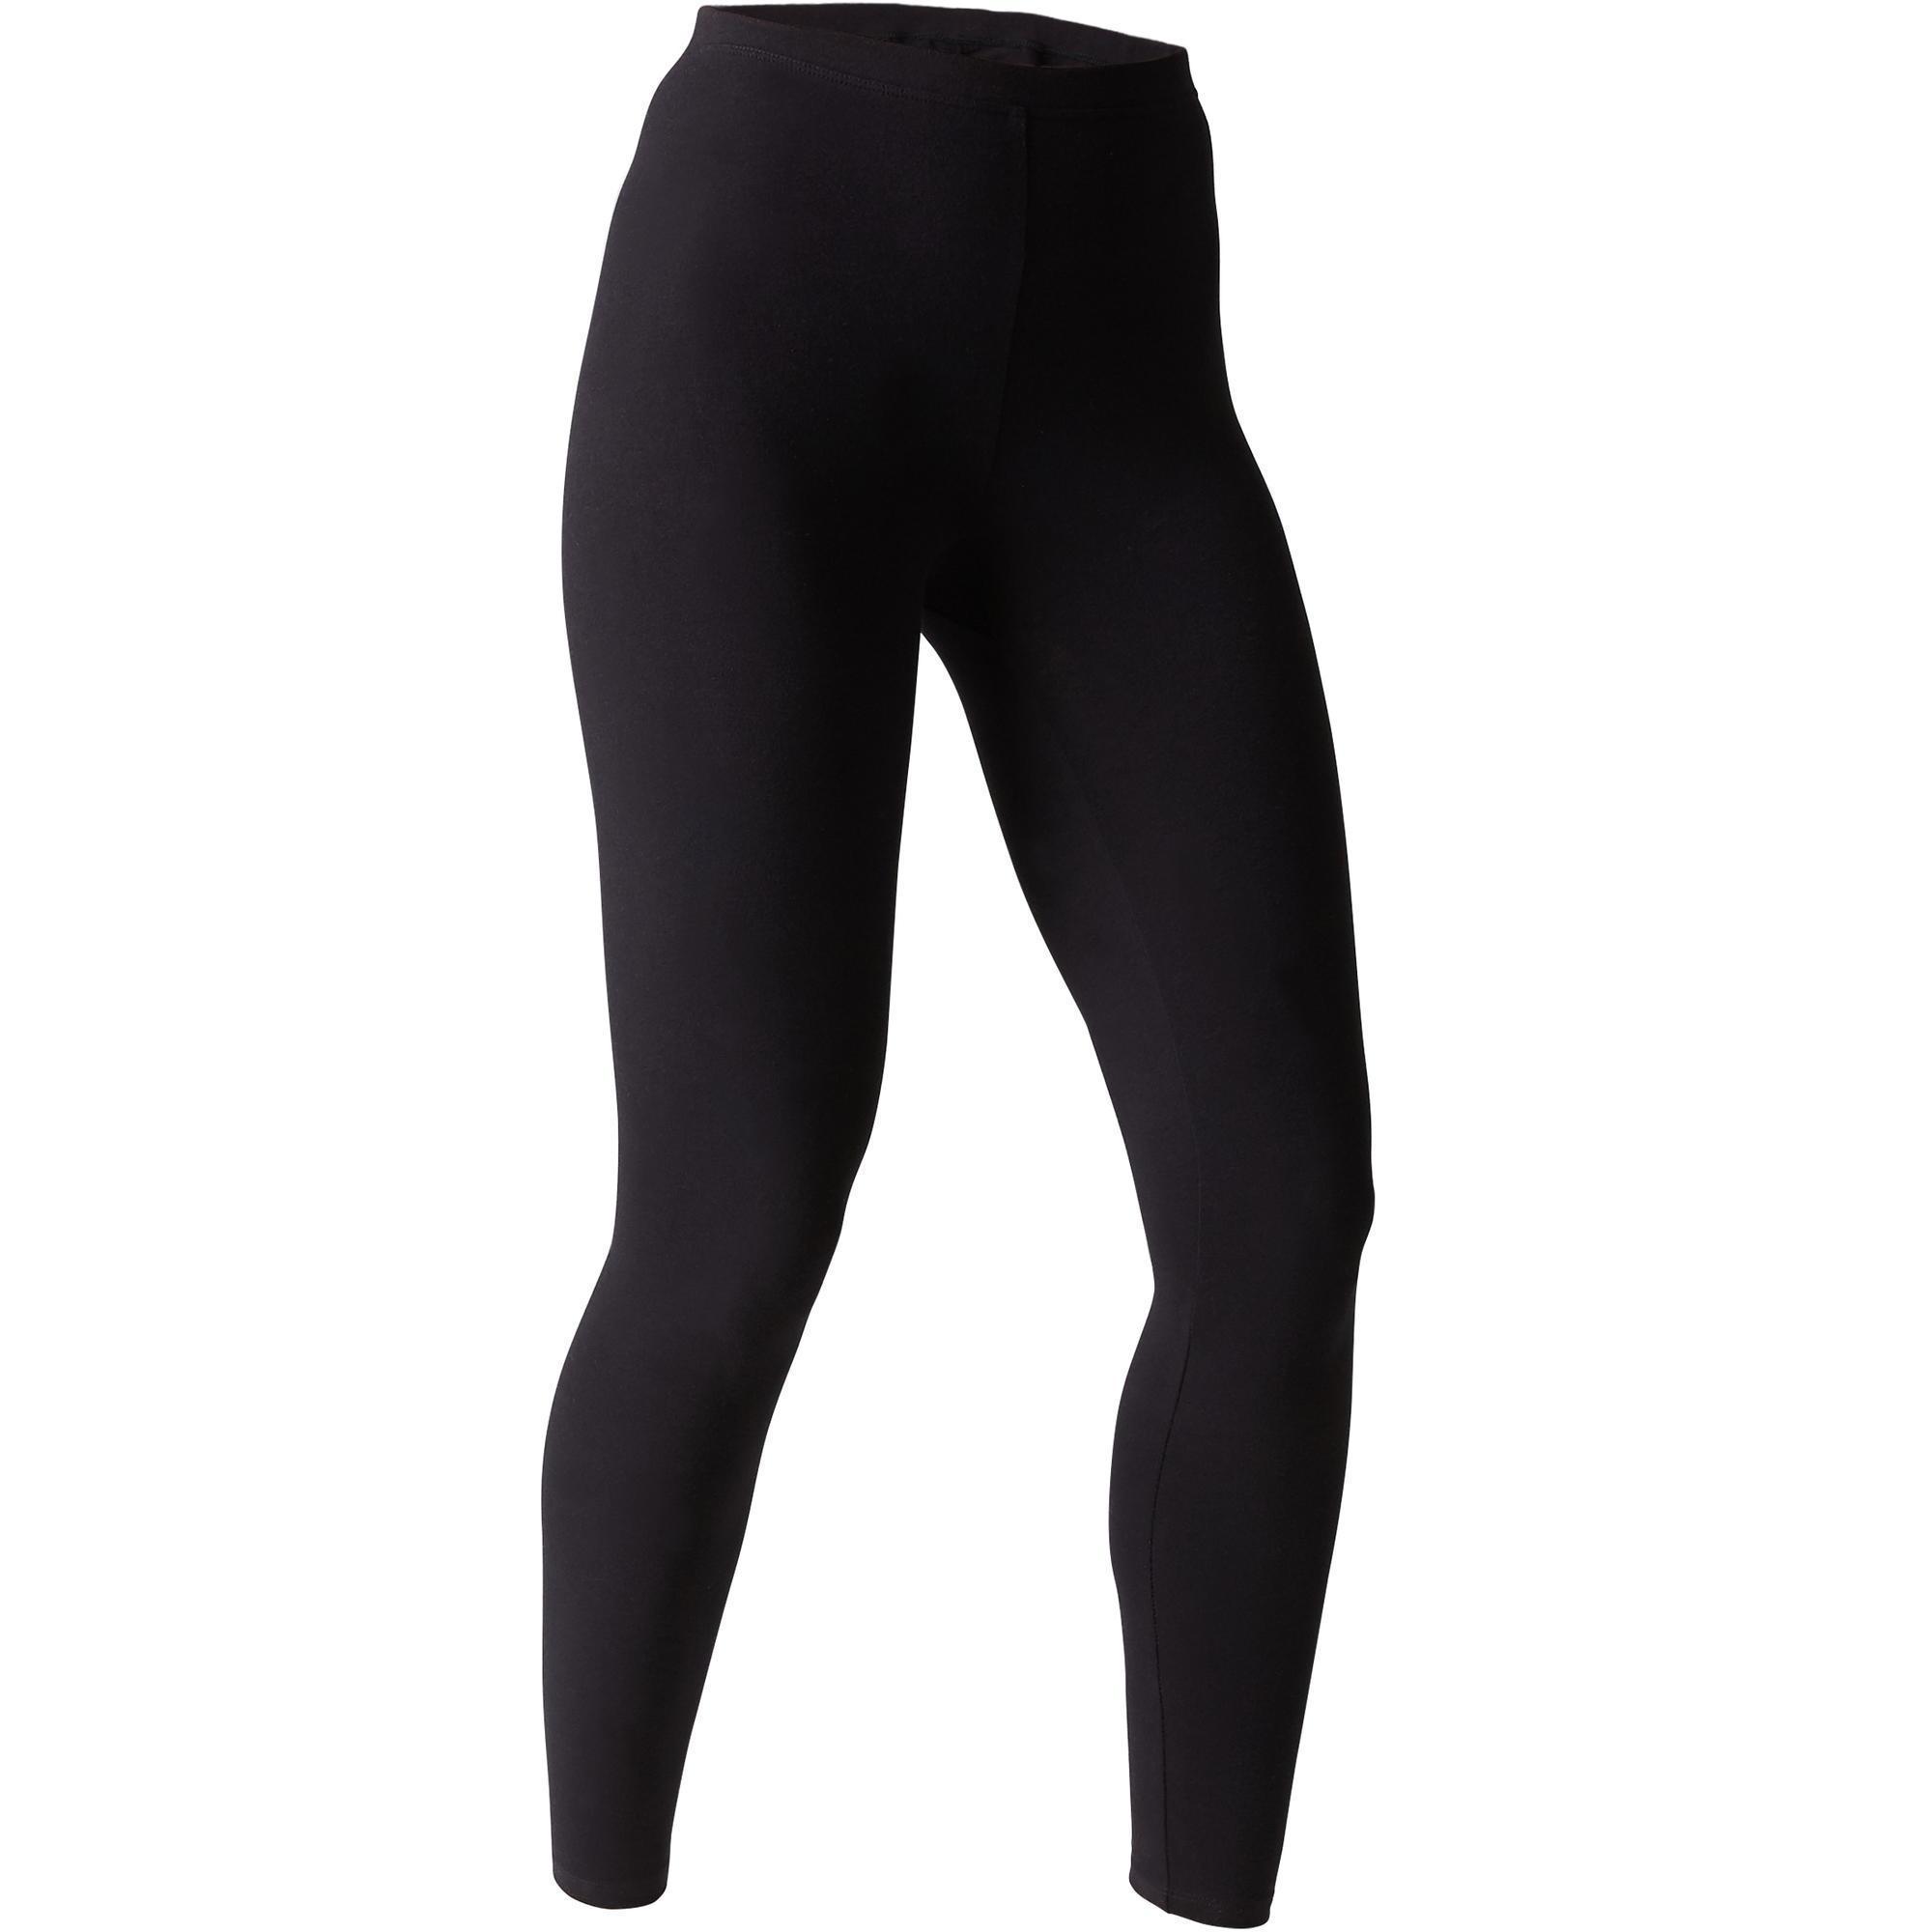 Legging : Un vêtement fiable pour toutes les femmes ?